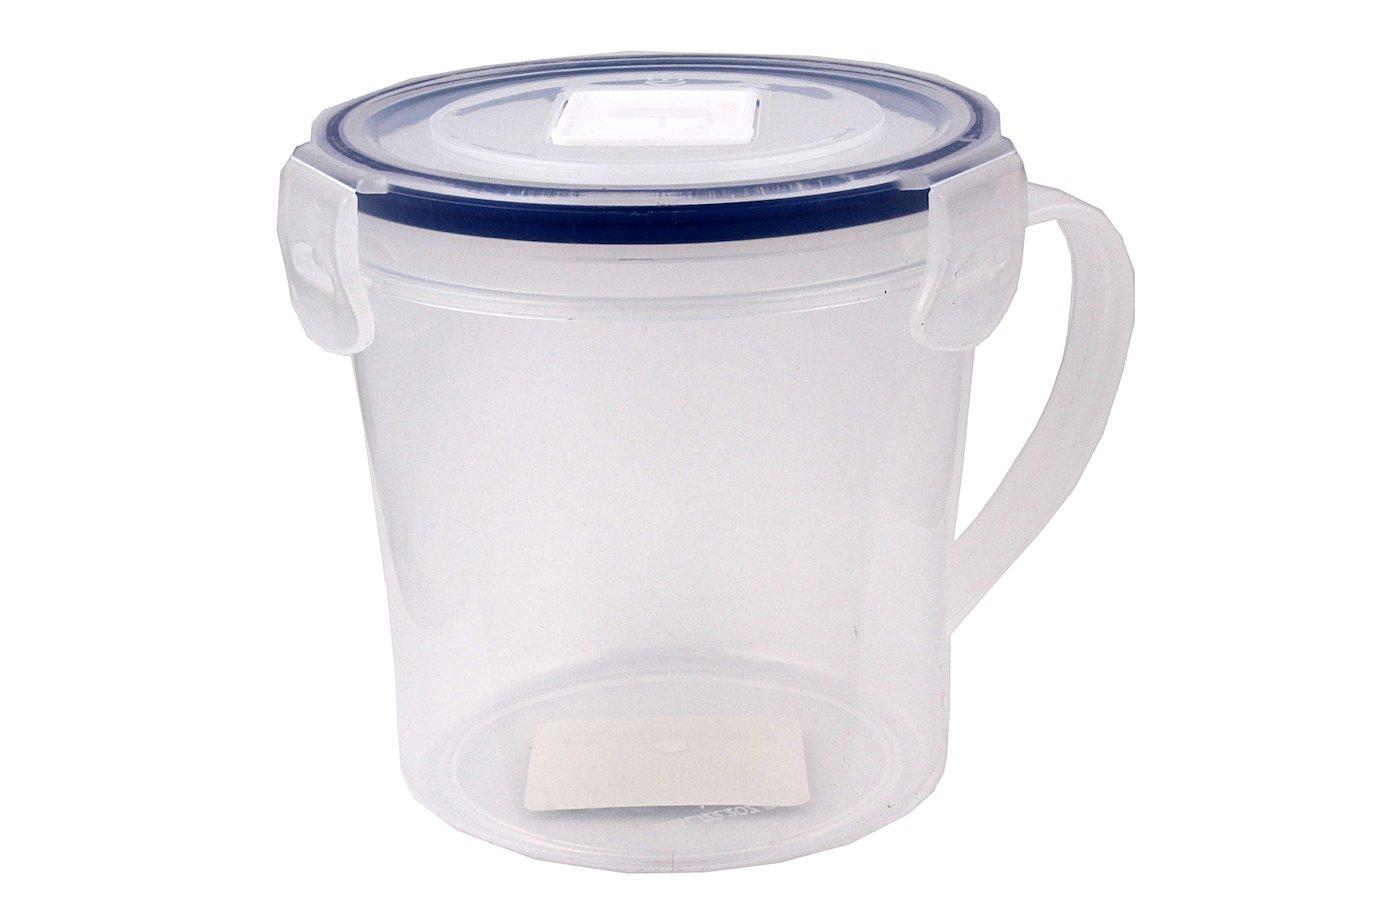 контейнеры для продуктов EXCOOK 12076 контейнер Soup carrier